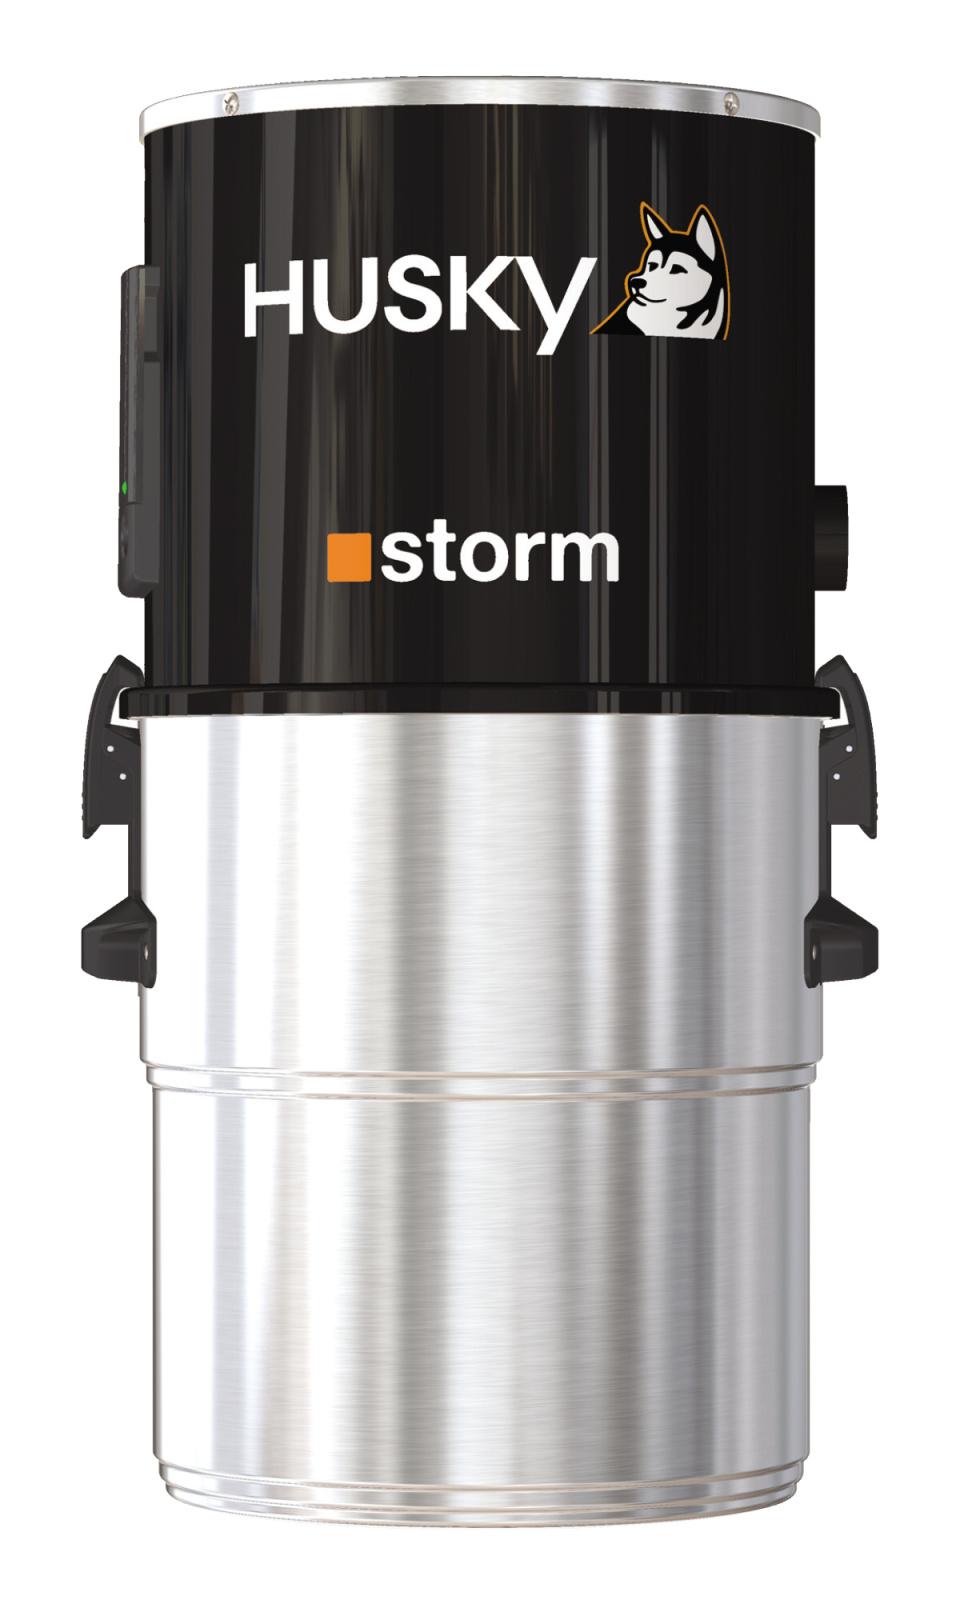 Husky Storm